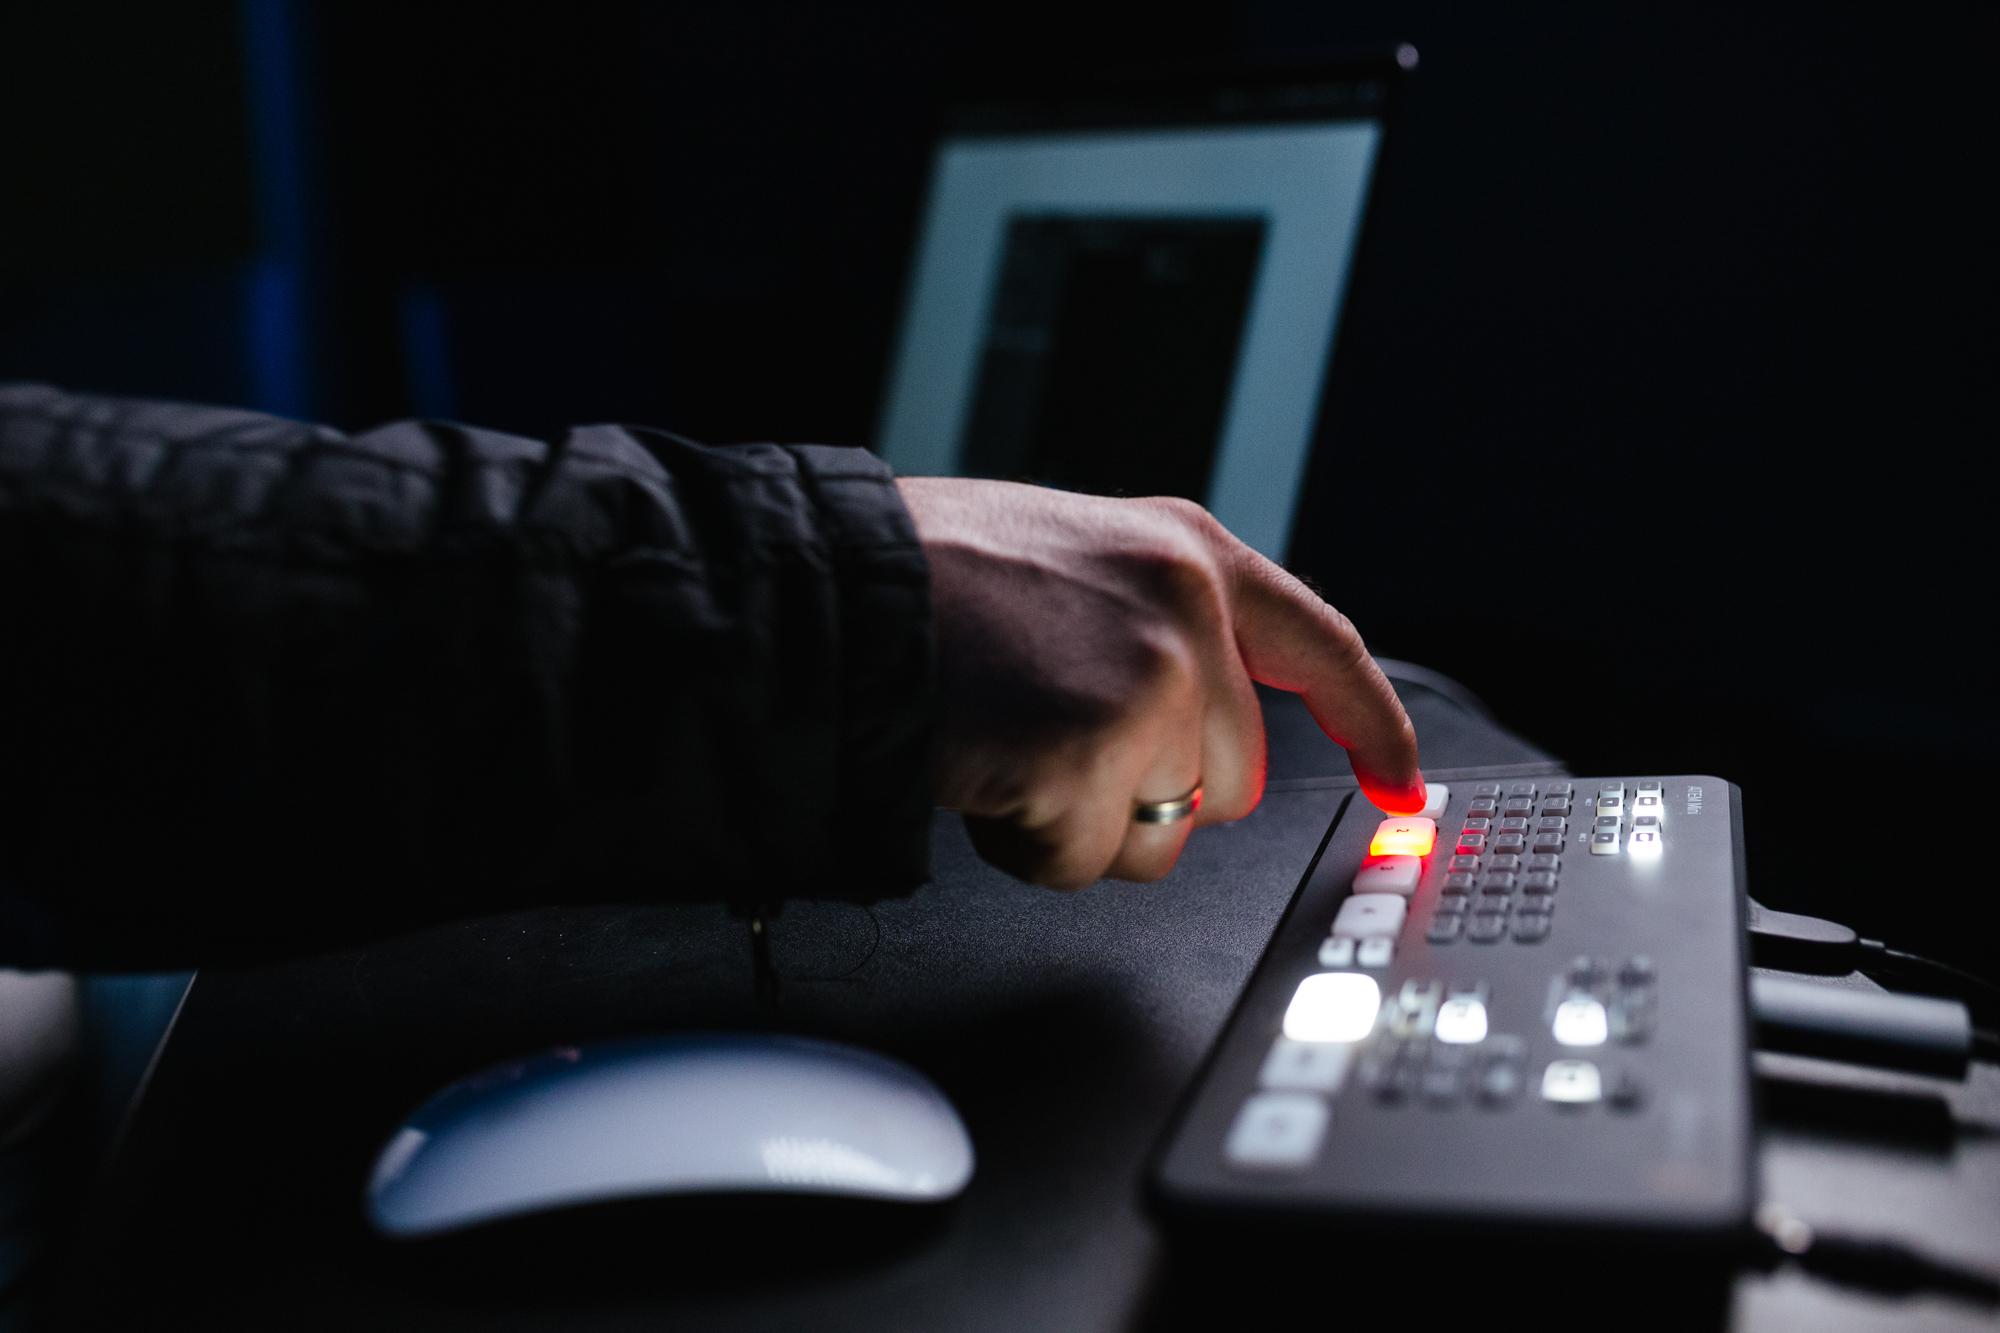 szkolenie on-line vlog studio czarna zebra przenies biznes do internetu6